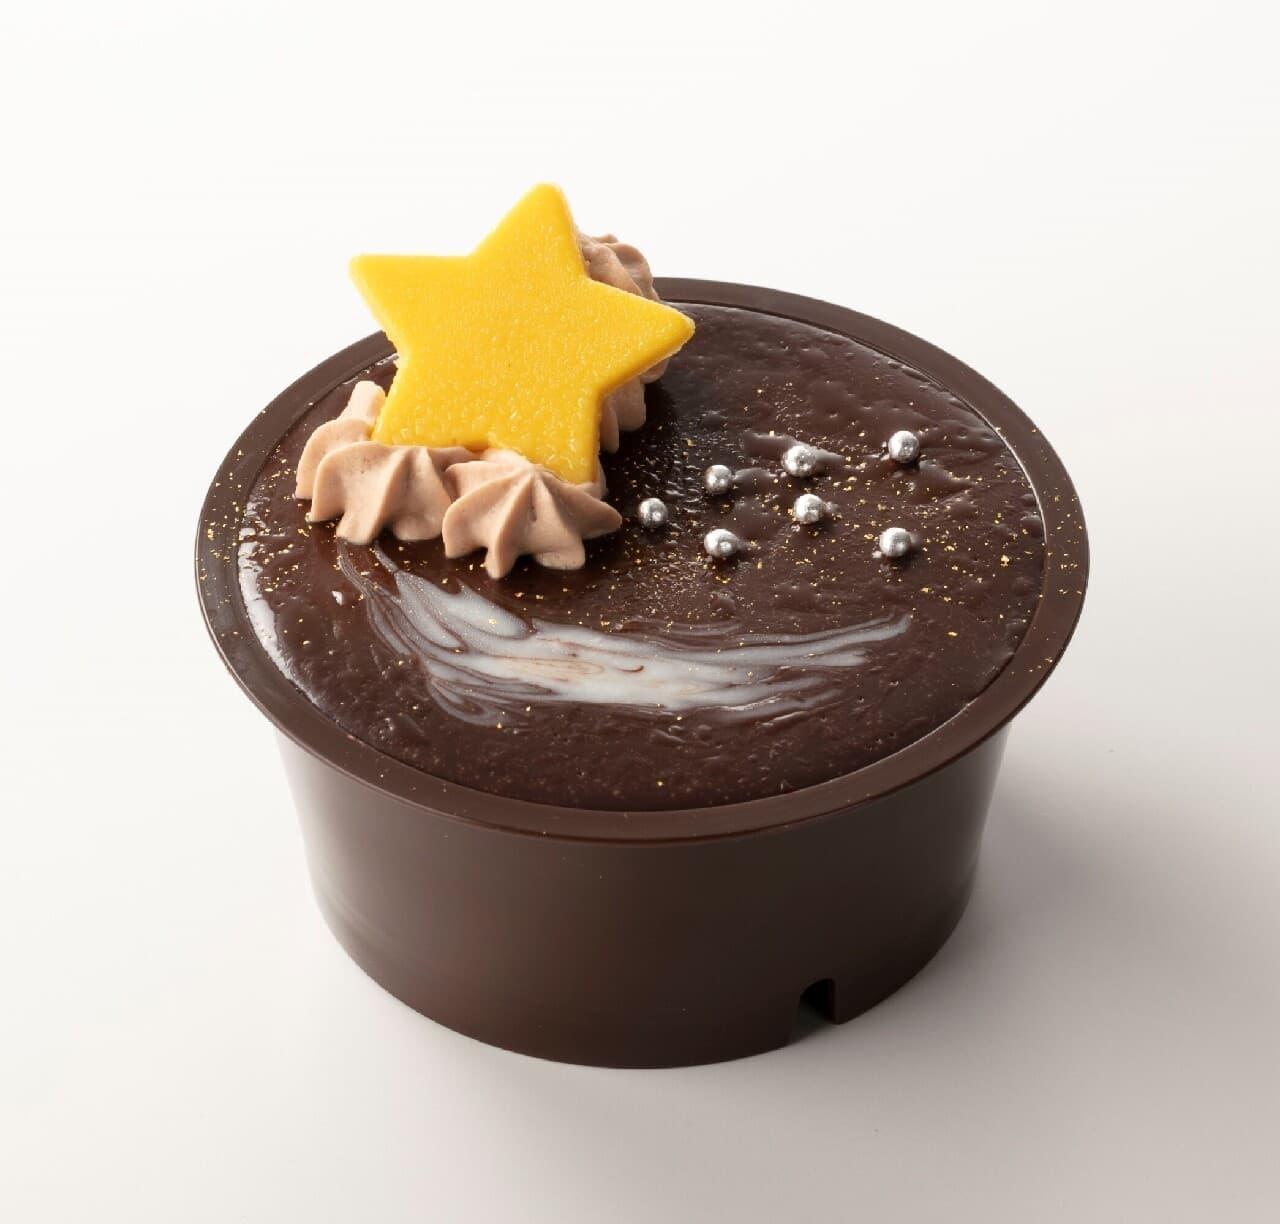 シャトレーゼ「七夕 夜空のピスタチオショコラケーキ」